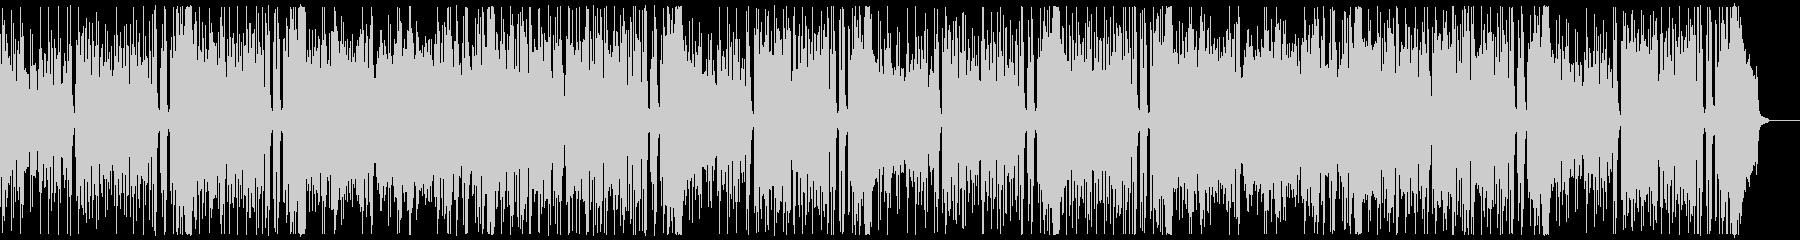 明るく楽しいロックンロール:フルx2の未再生の波形